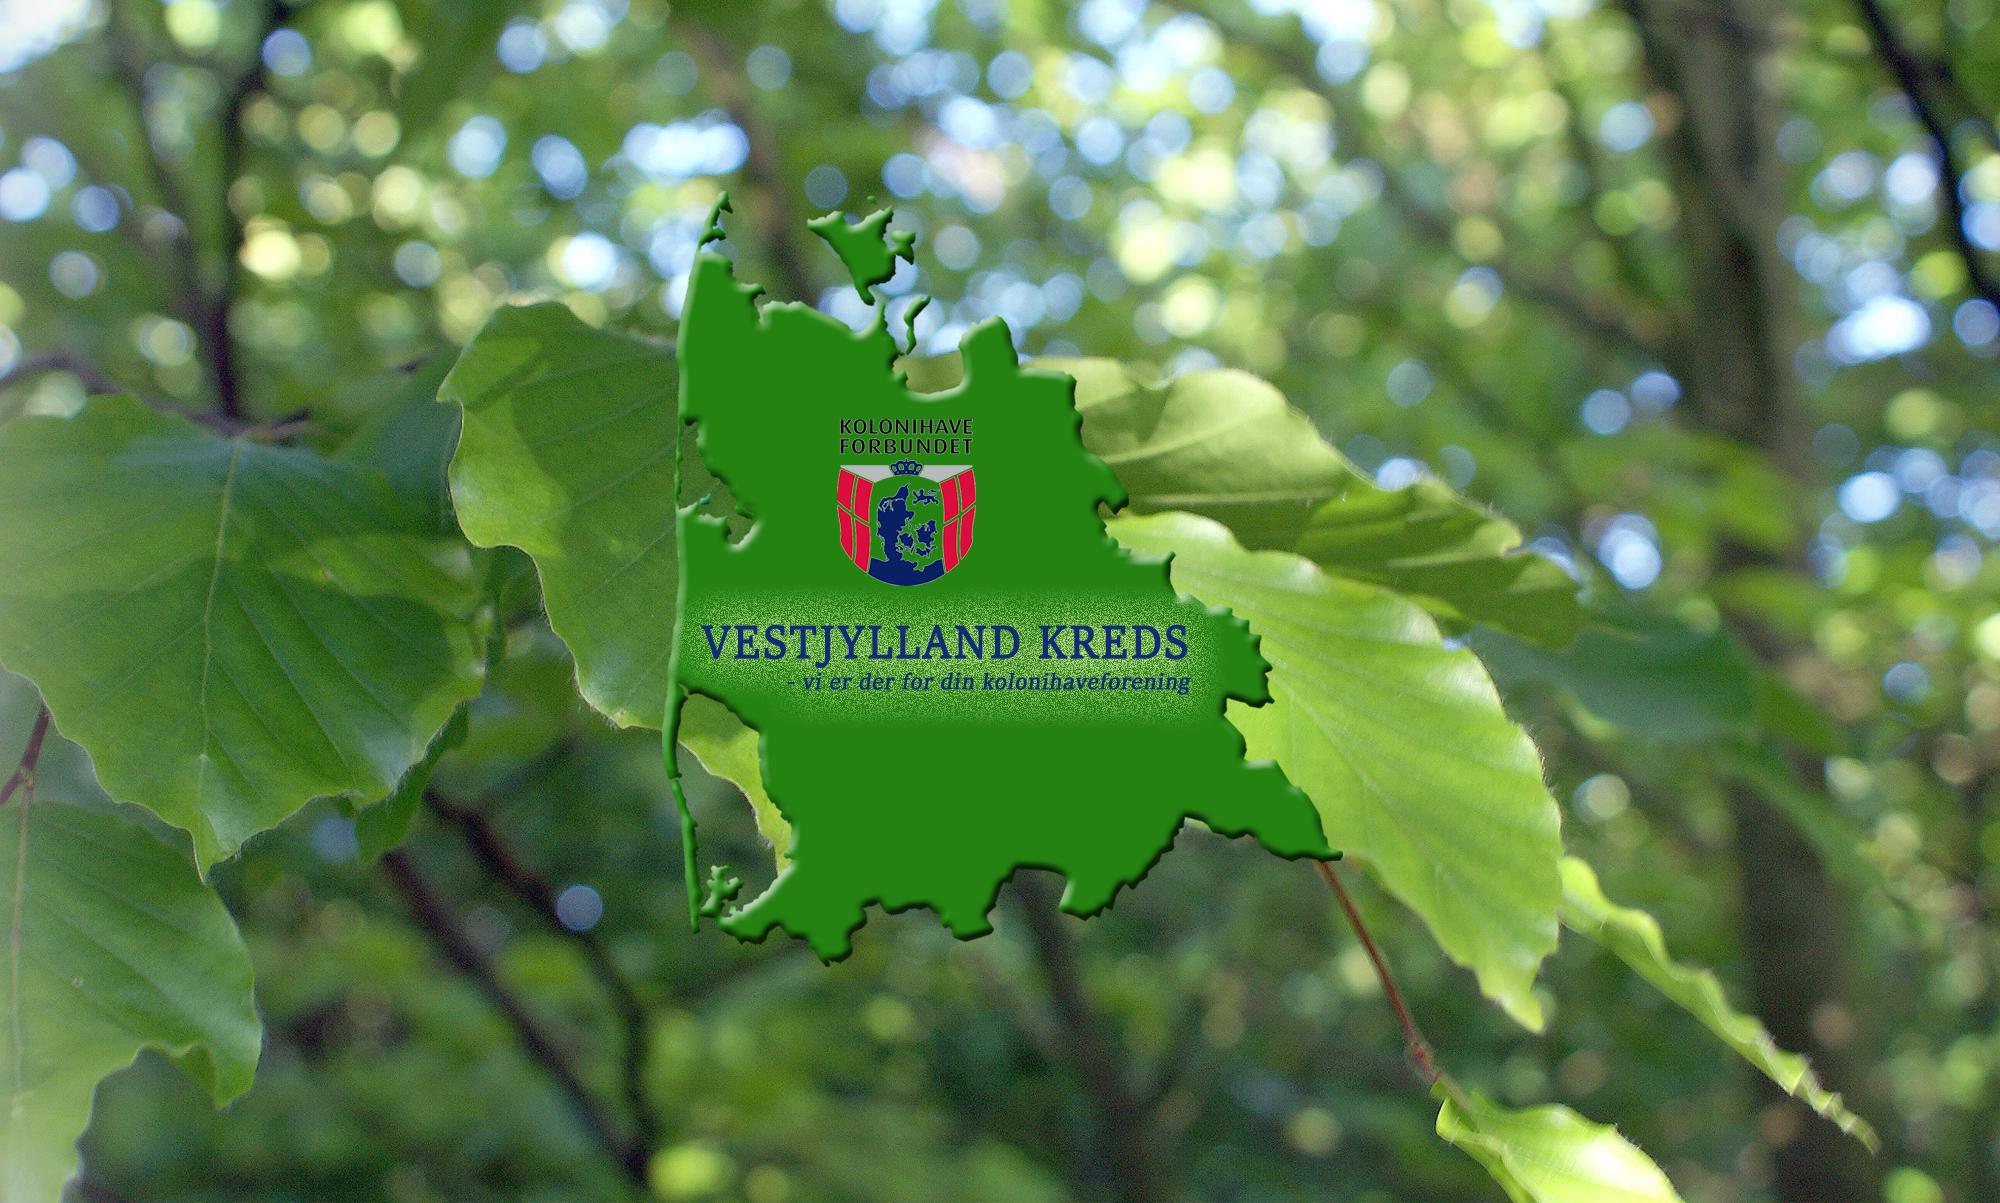 Vestjylland Kreds